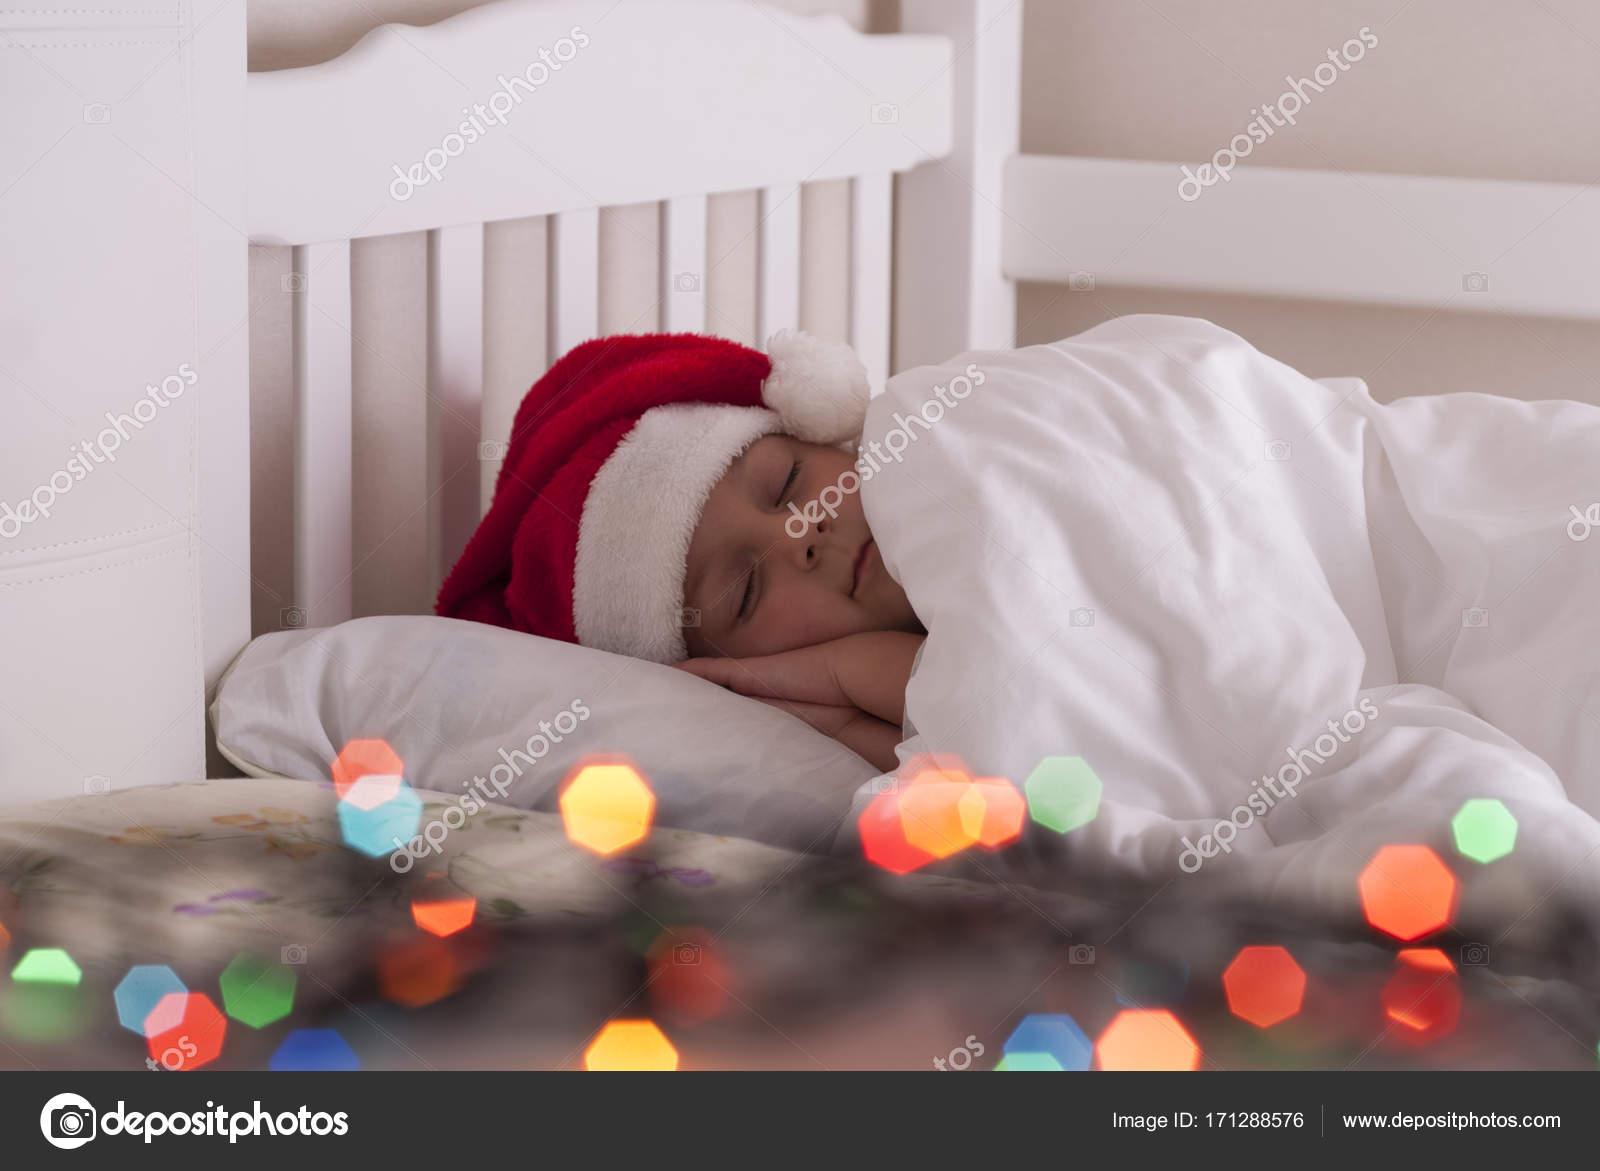 jeune fille au bonnet sur le lit photographie mkuchina 171288576. Black Bedroom Furniture Sets. Home Design Ideas